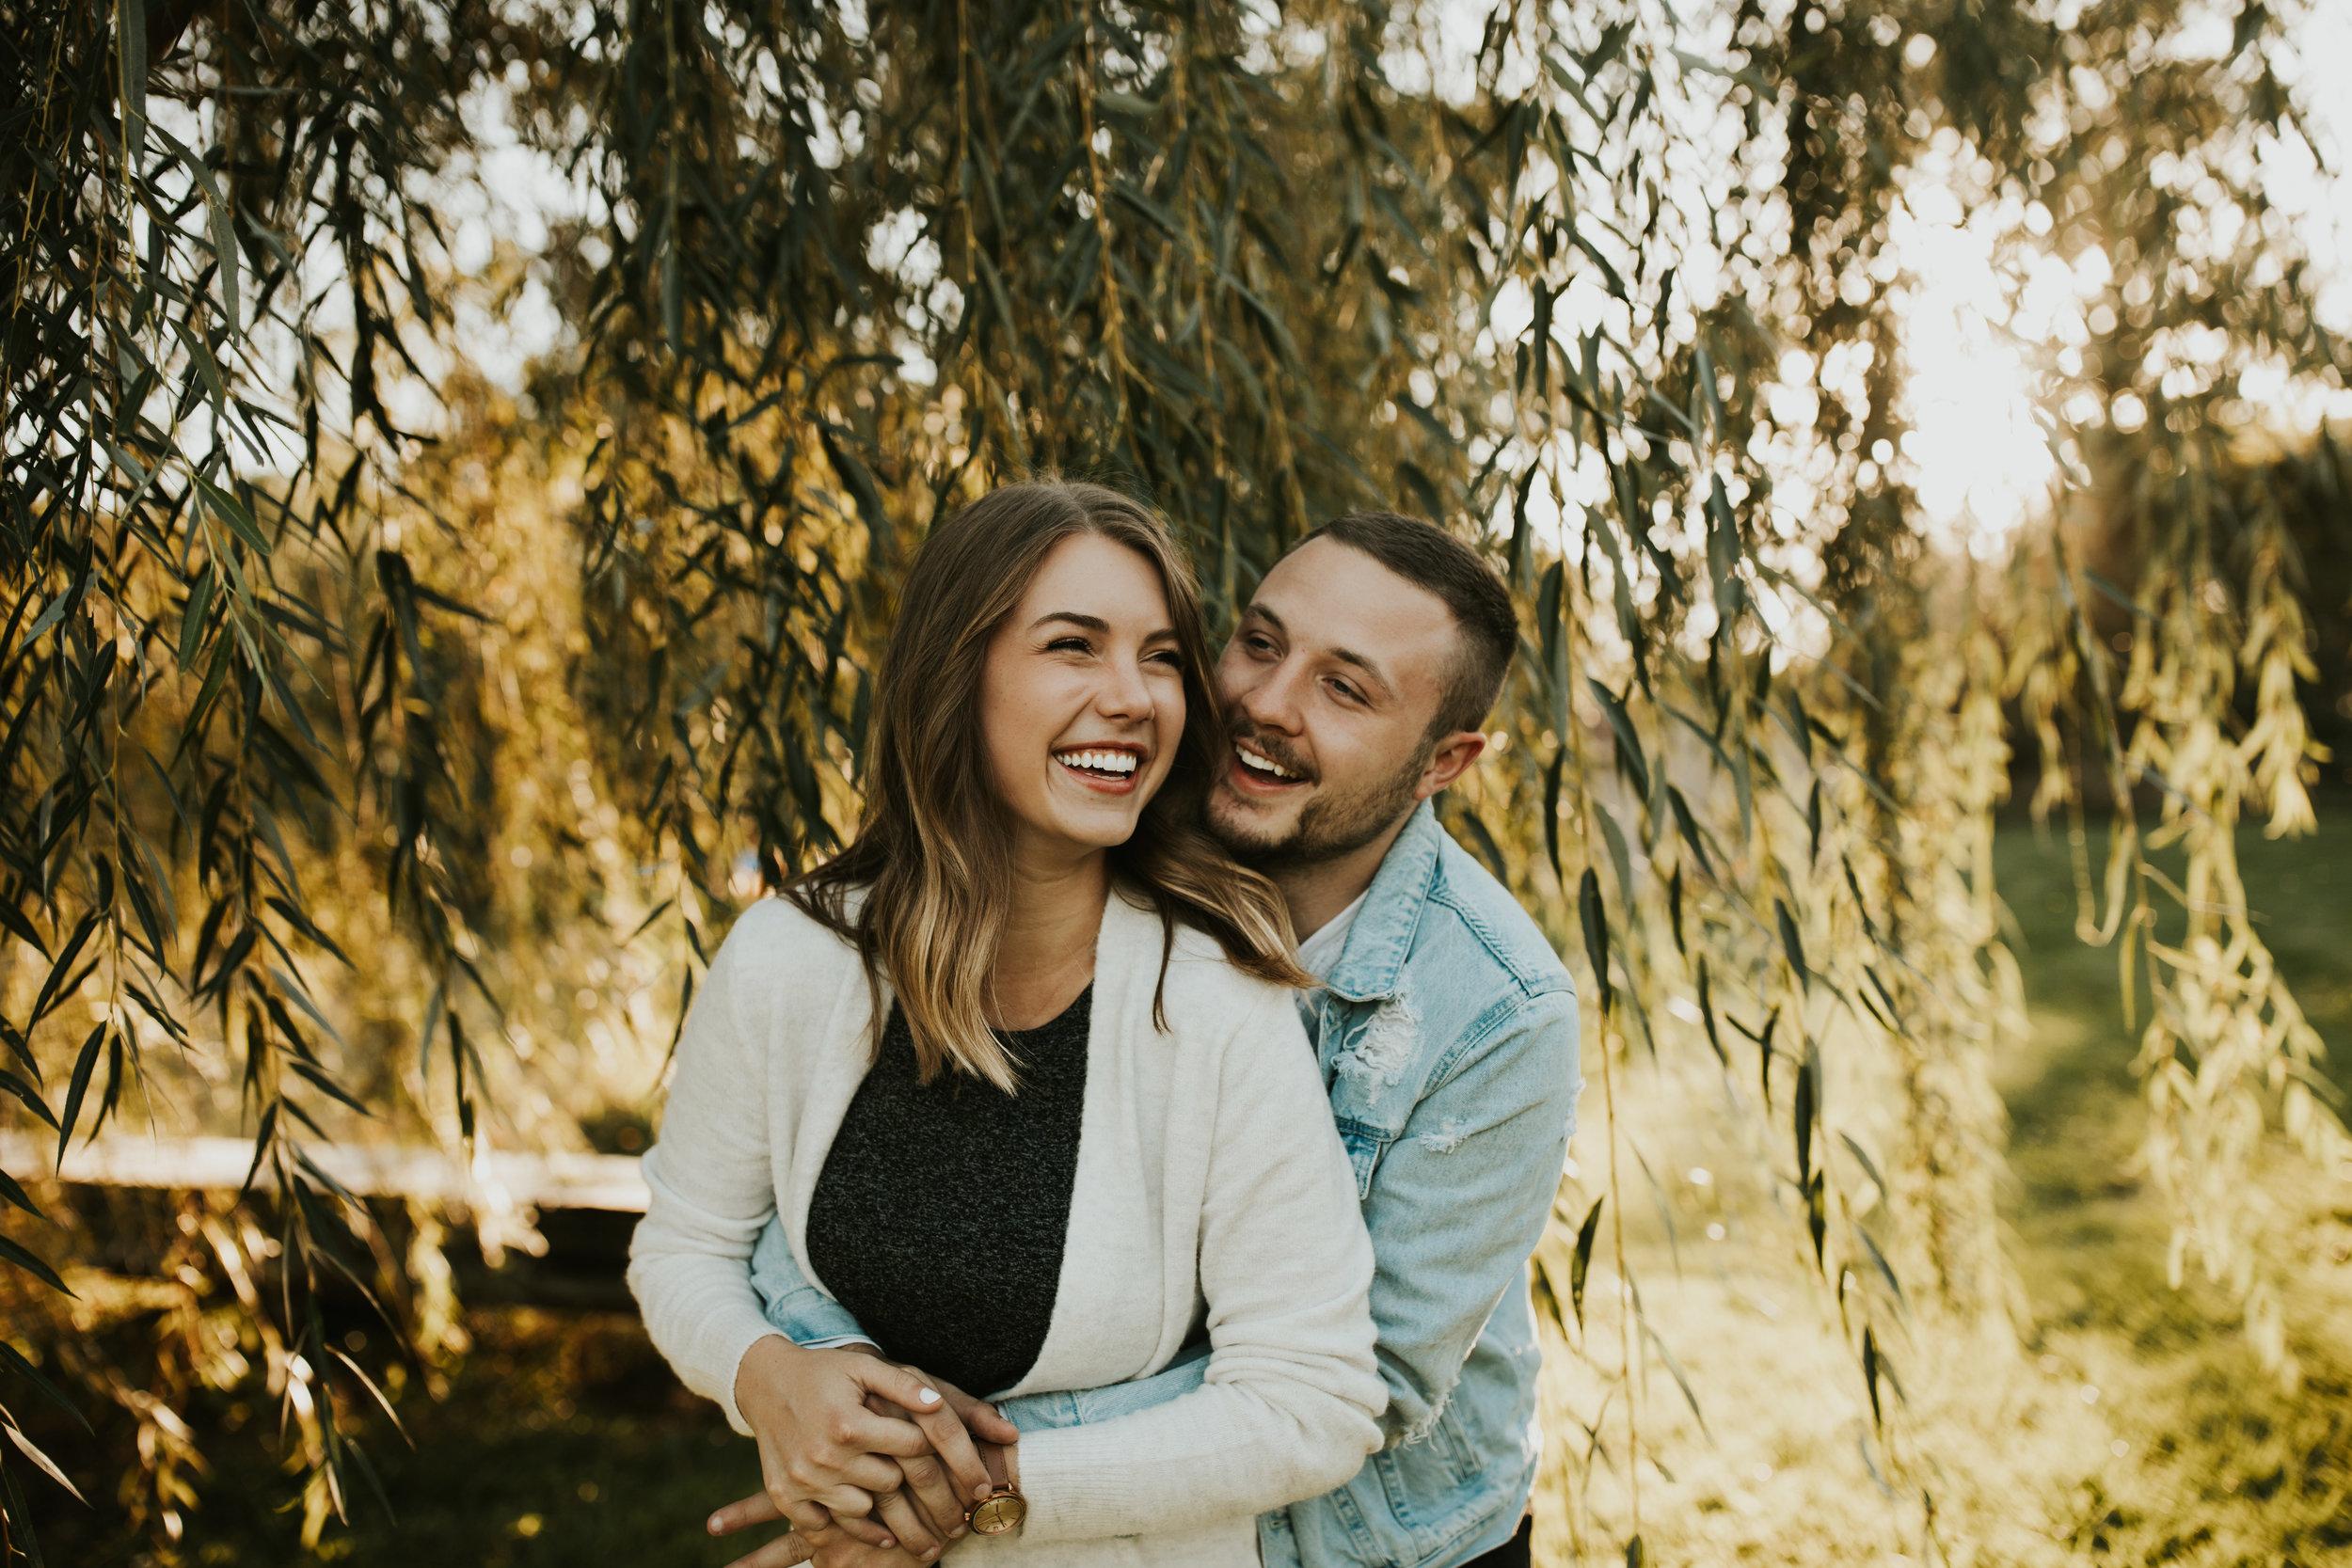 Anna + Garrett   Golden, Autumn engagement session in Iowa City.